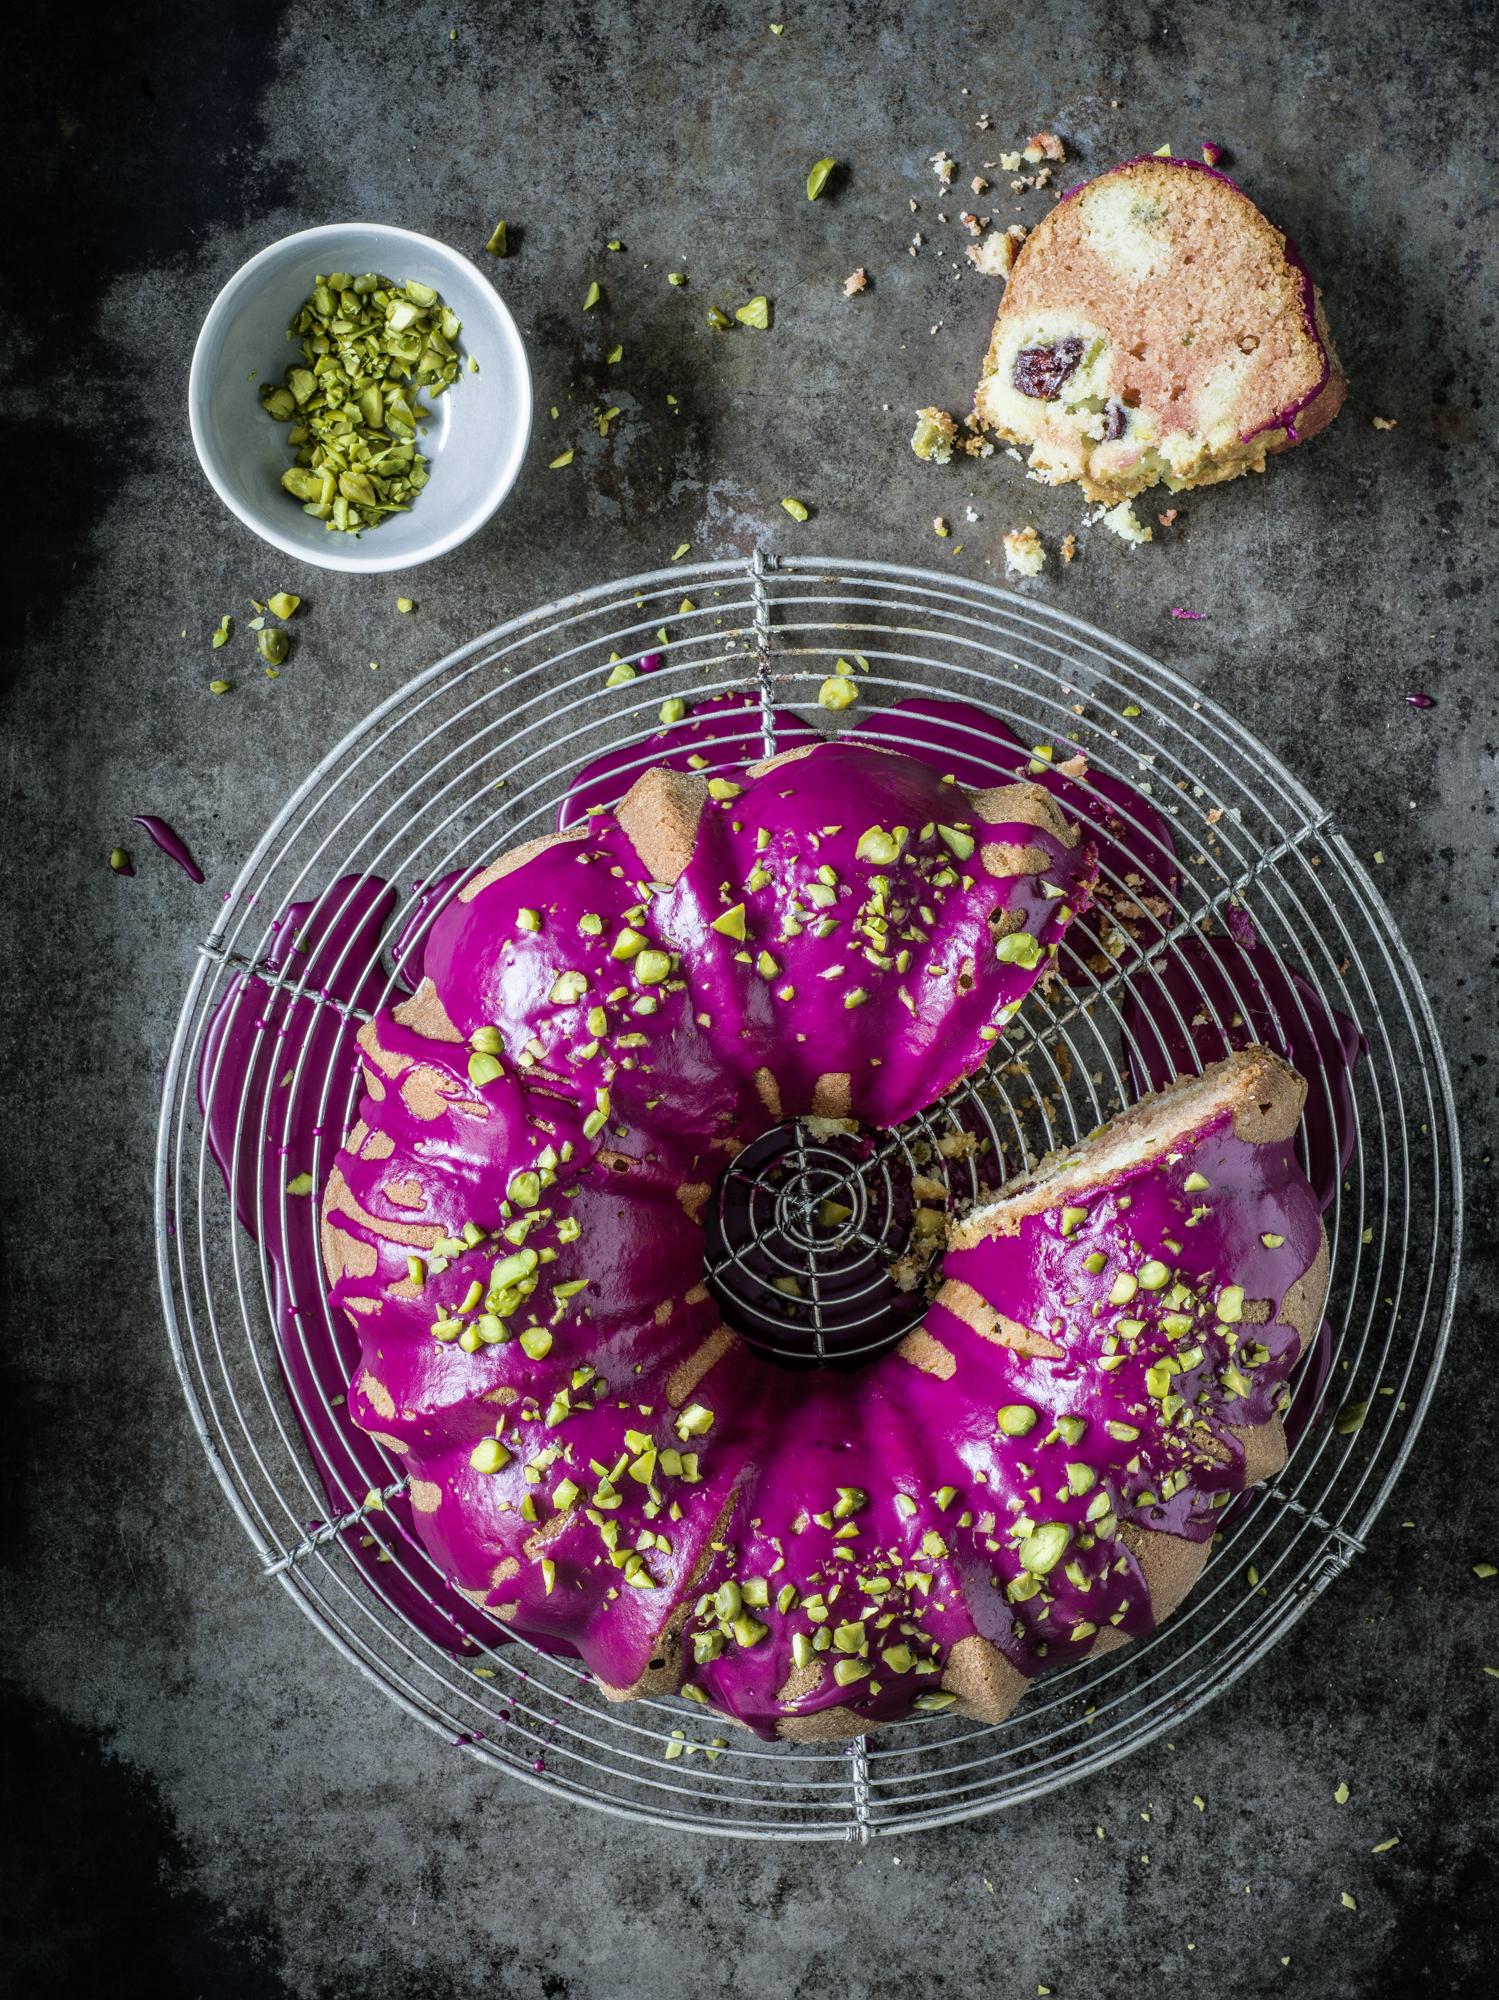 Food Fotoshooting | Stefan Schmidlin Fotografie Basel, Bild -26.jpg